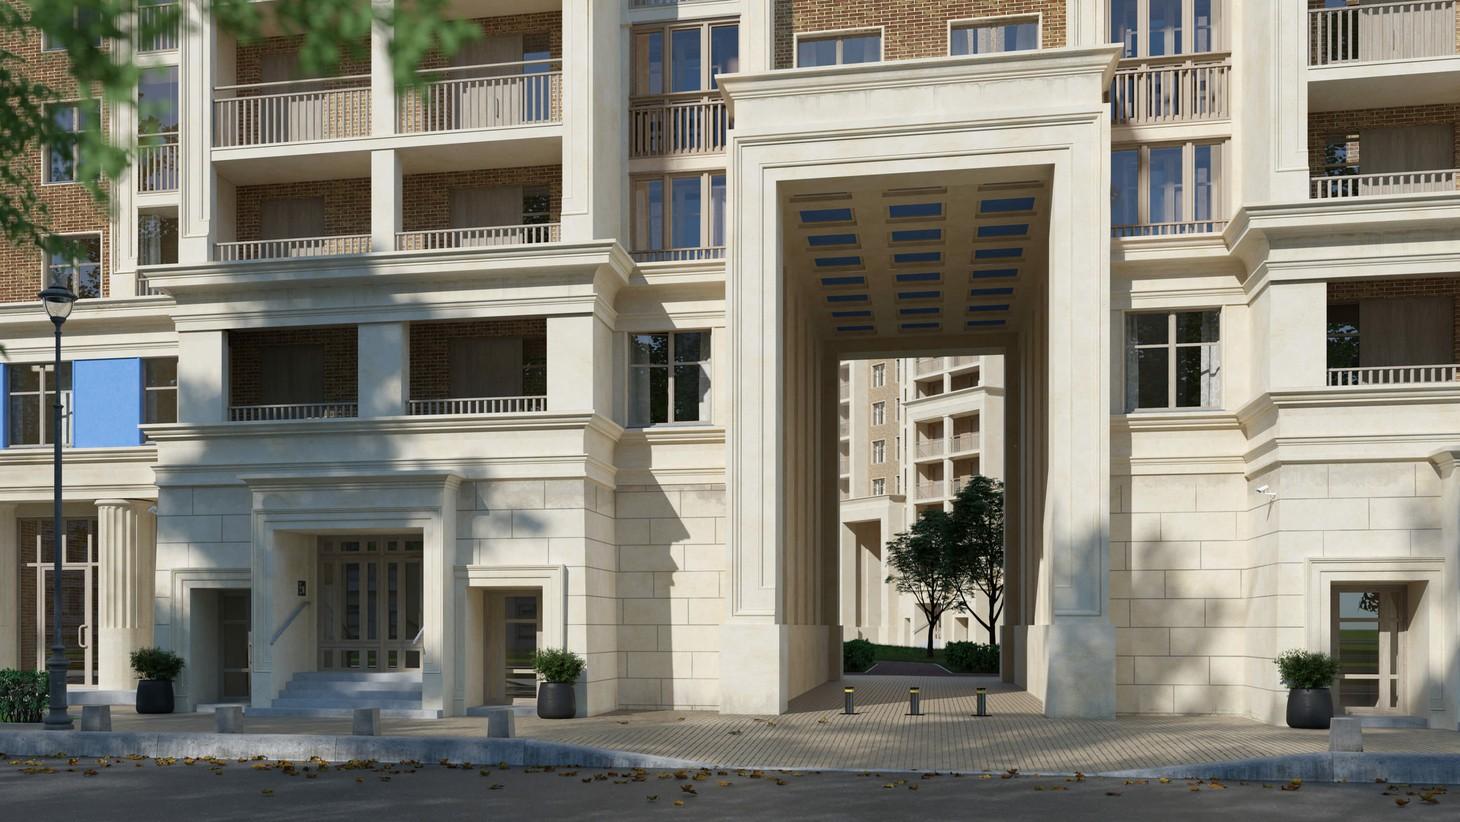 Сакральная архитектура античного Парфенона  с постконструктивизмом